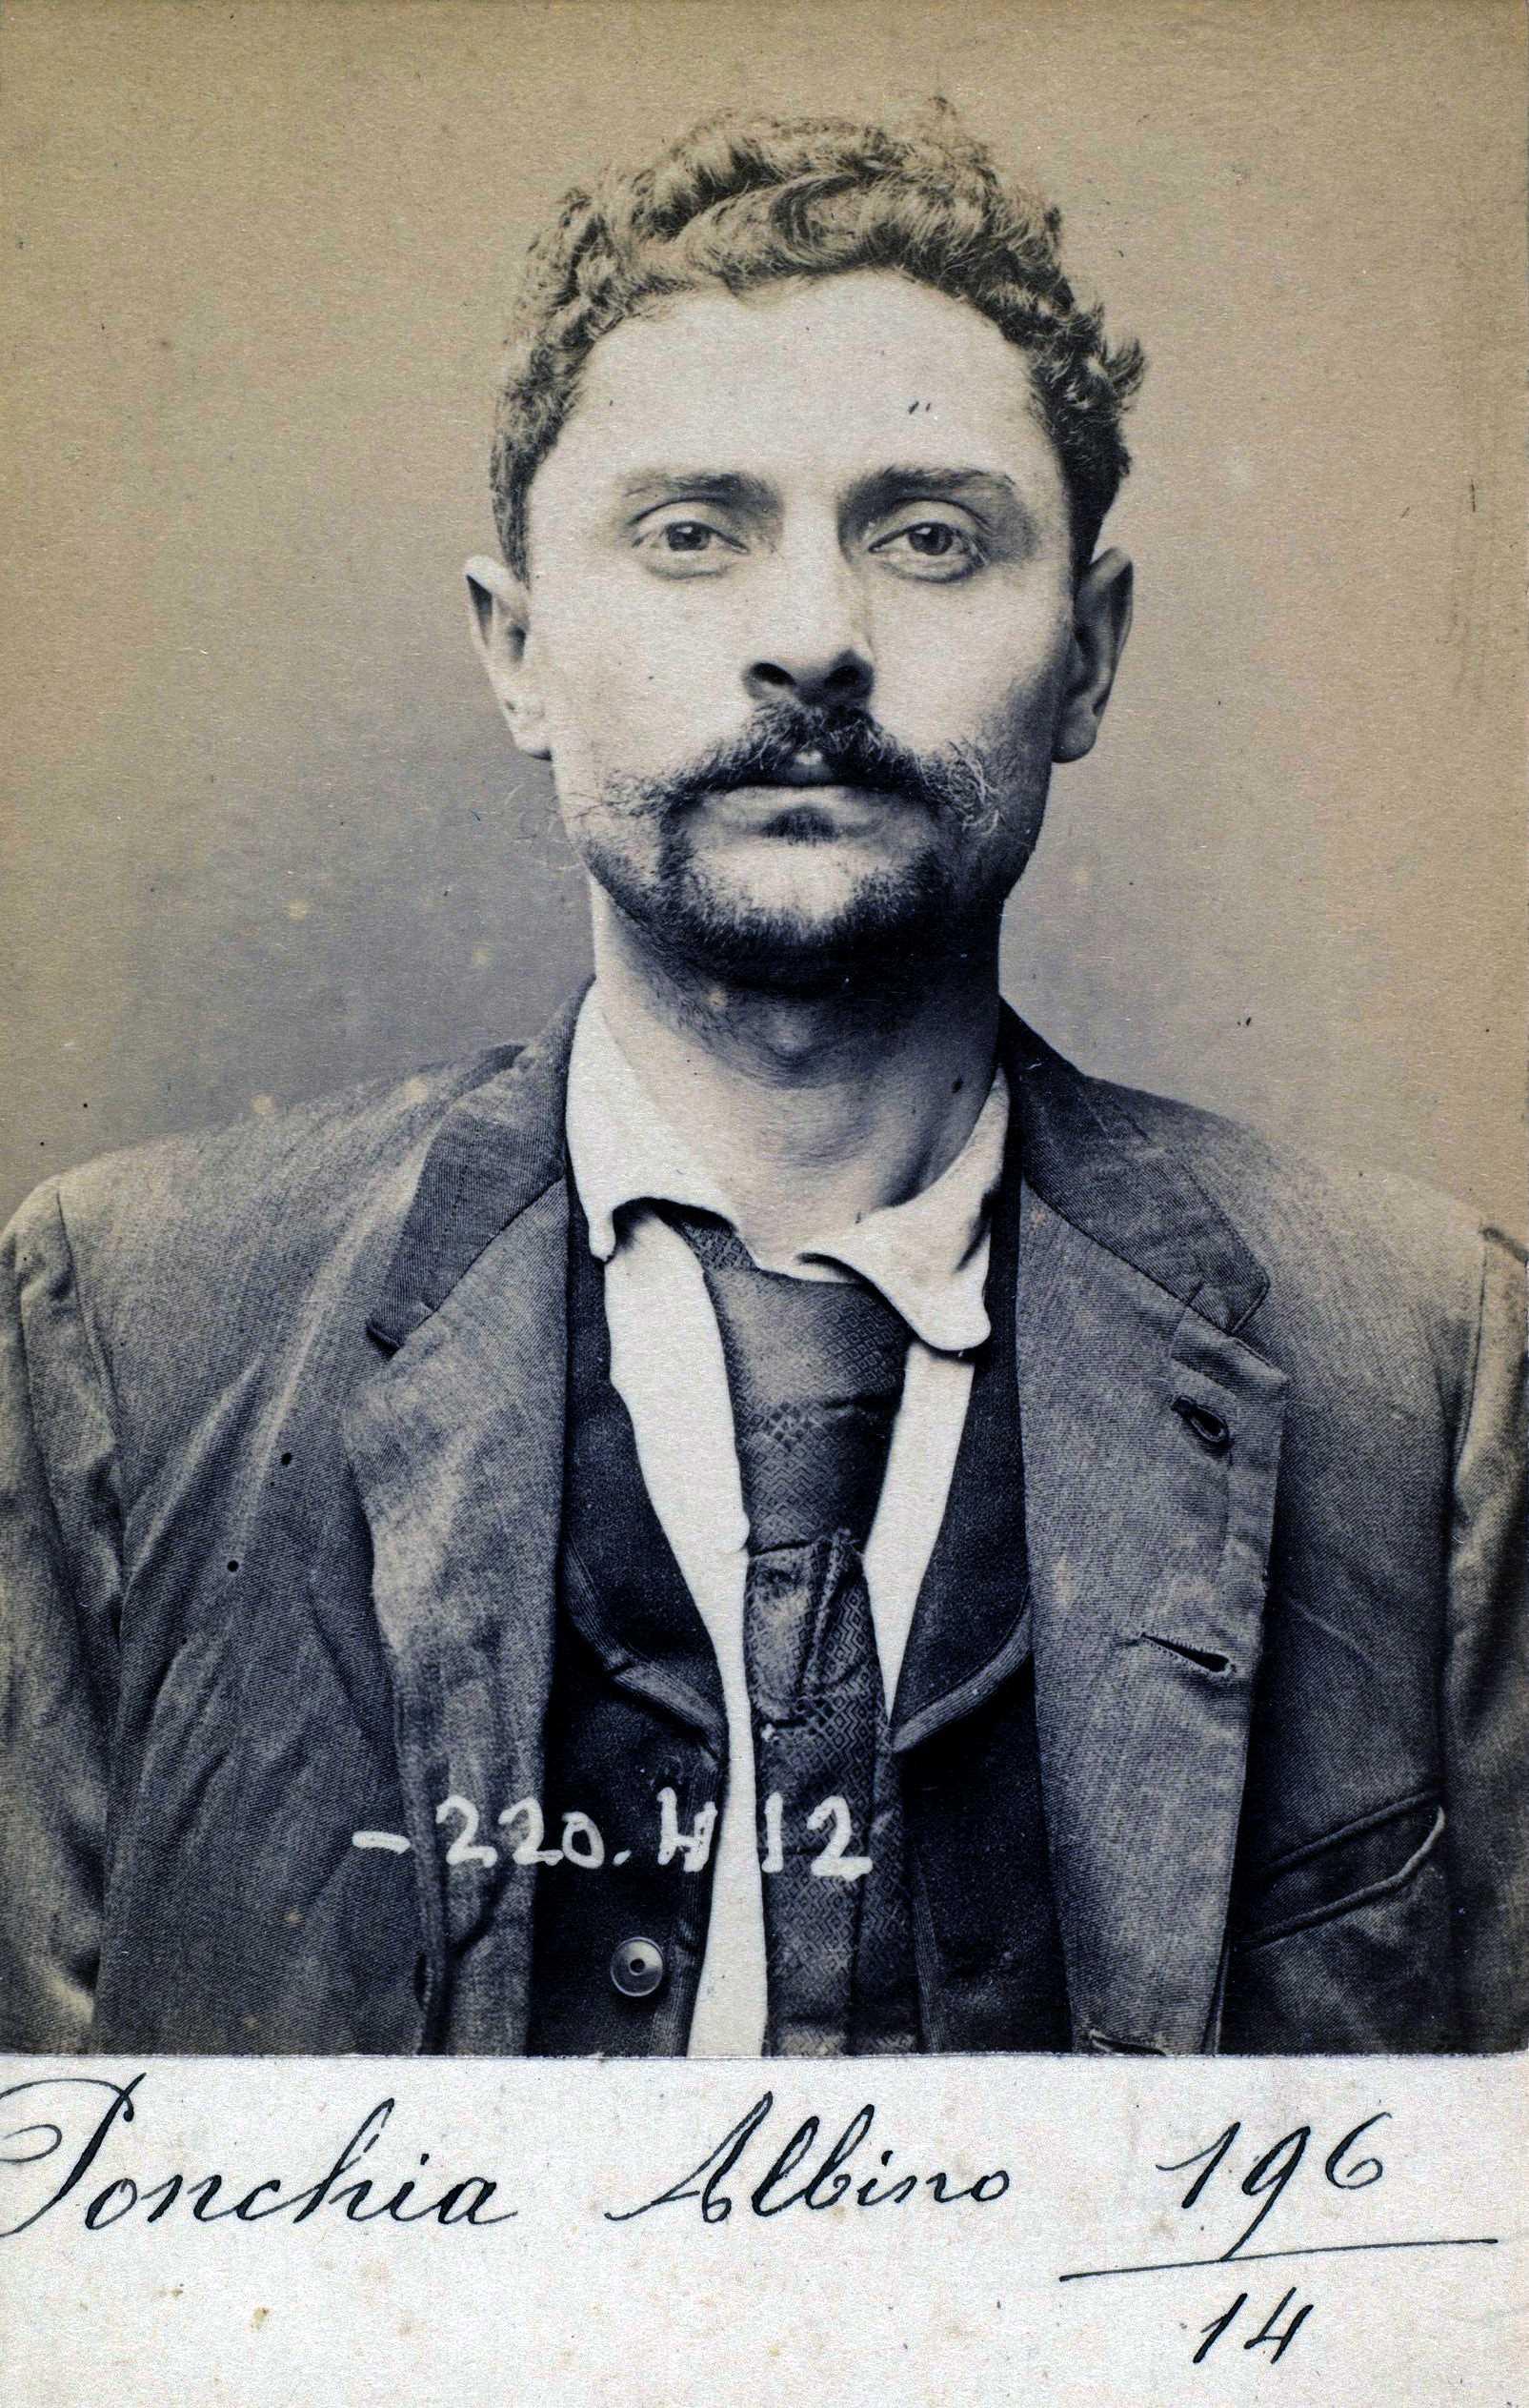 Foto policíaca d'Albino Ponchia (2 de juliol de 1894)